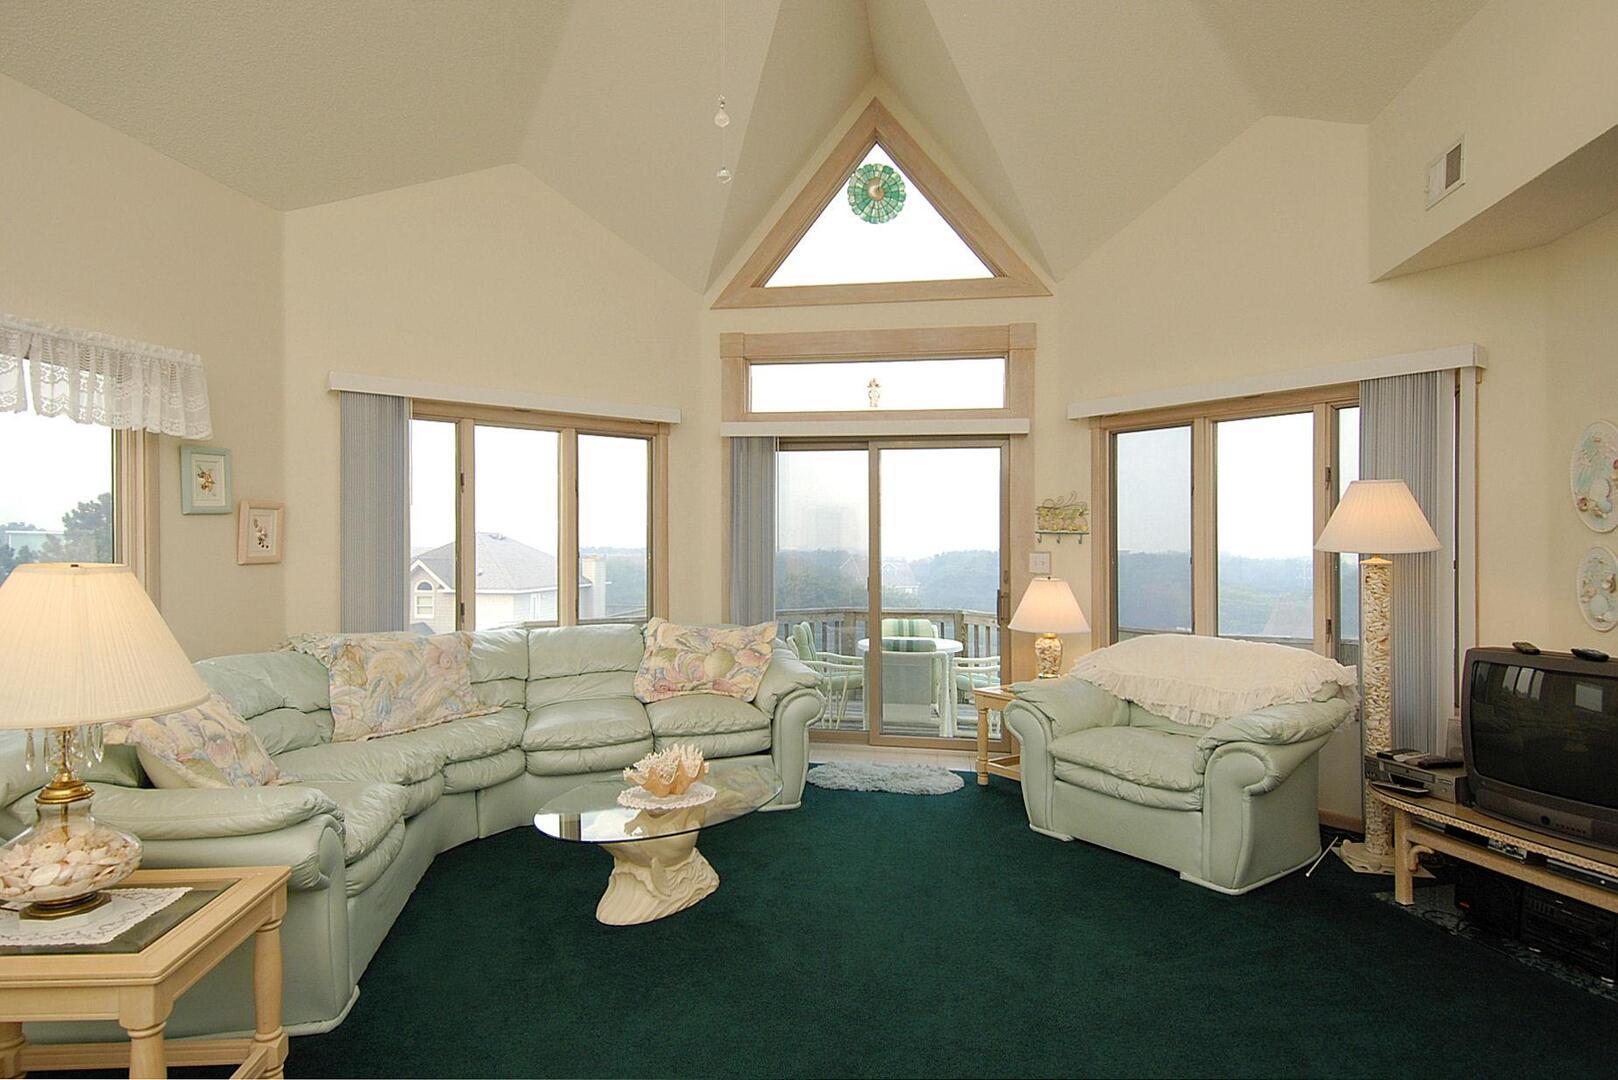 Upper/Main Level,Living Room,